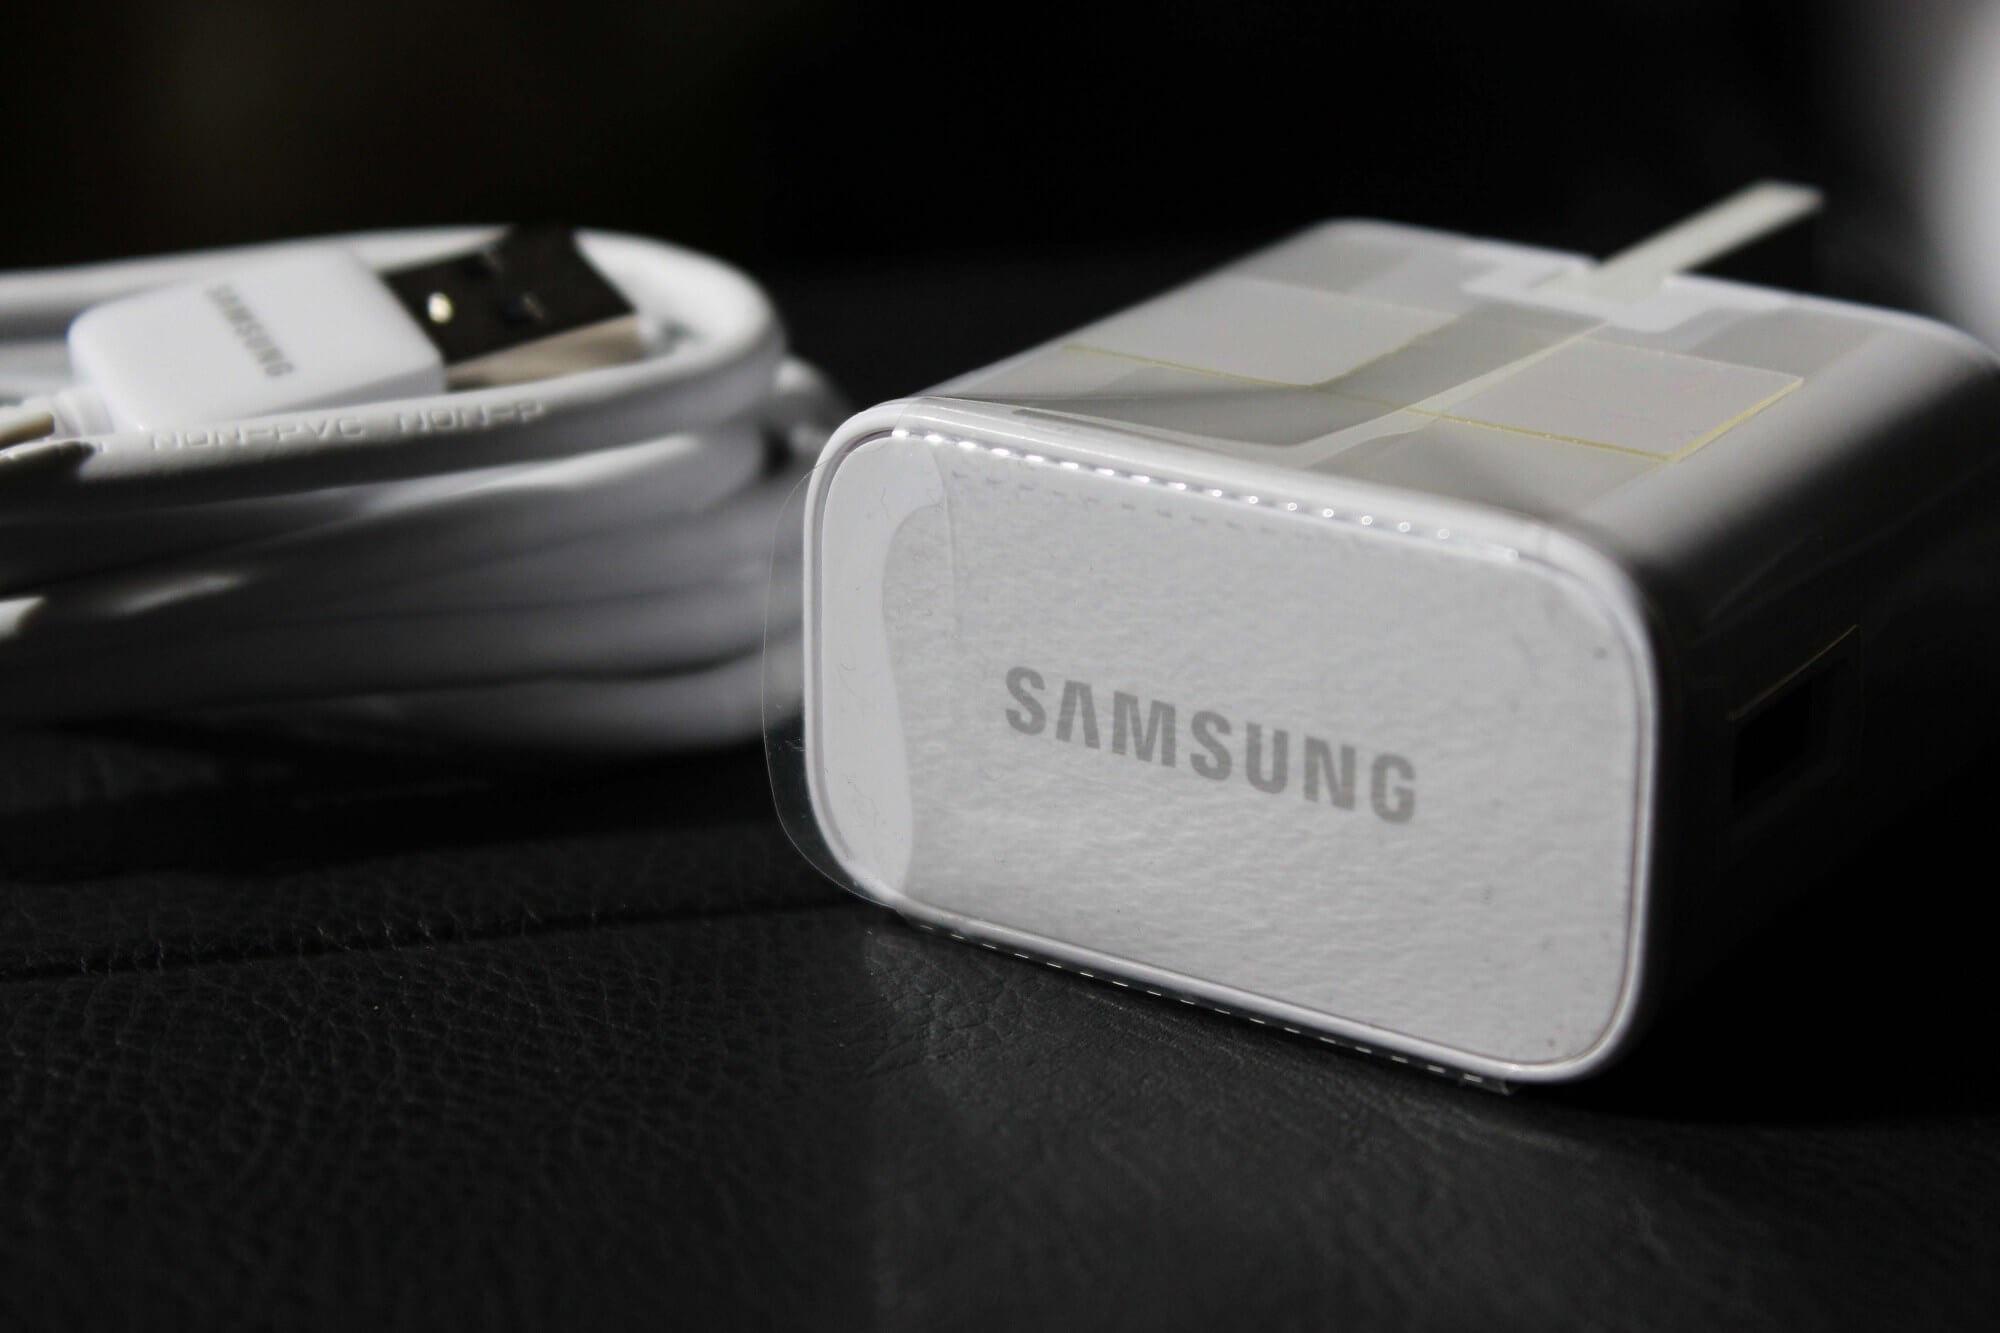 حذف شارژر از گوشی های سامسونگ